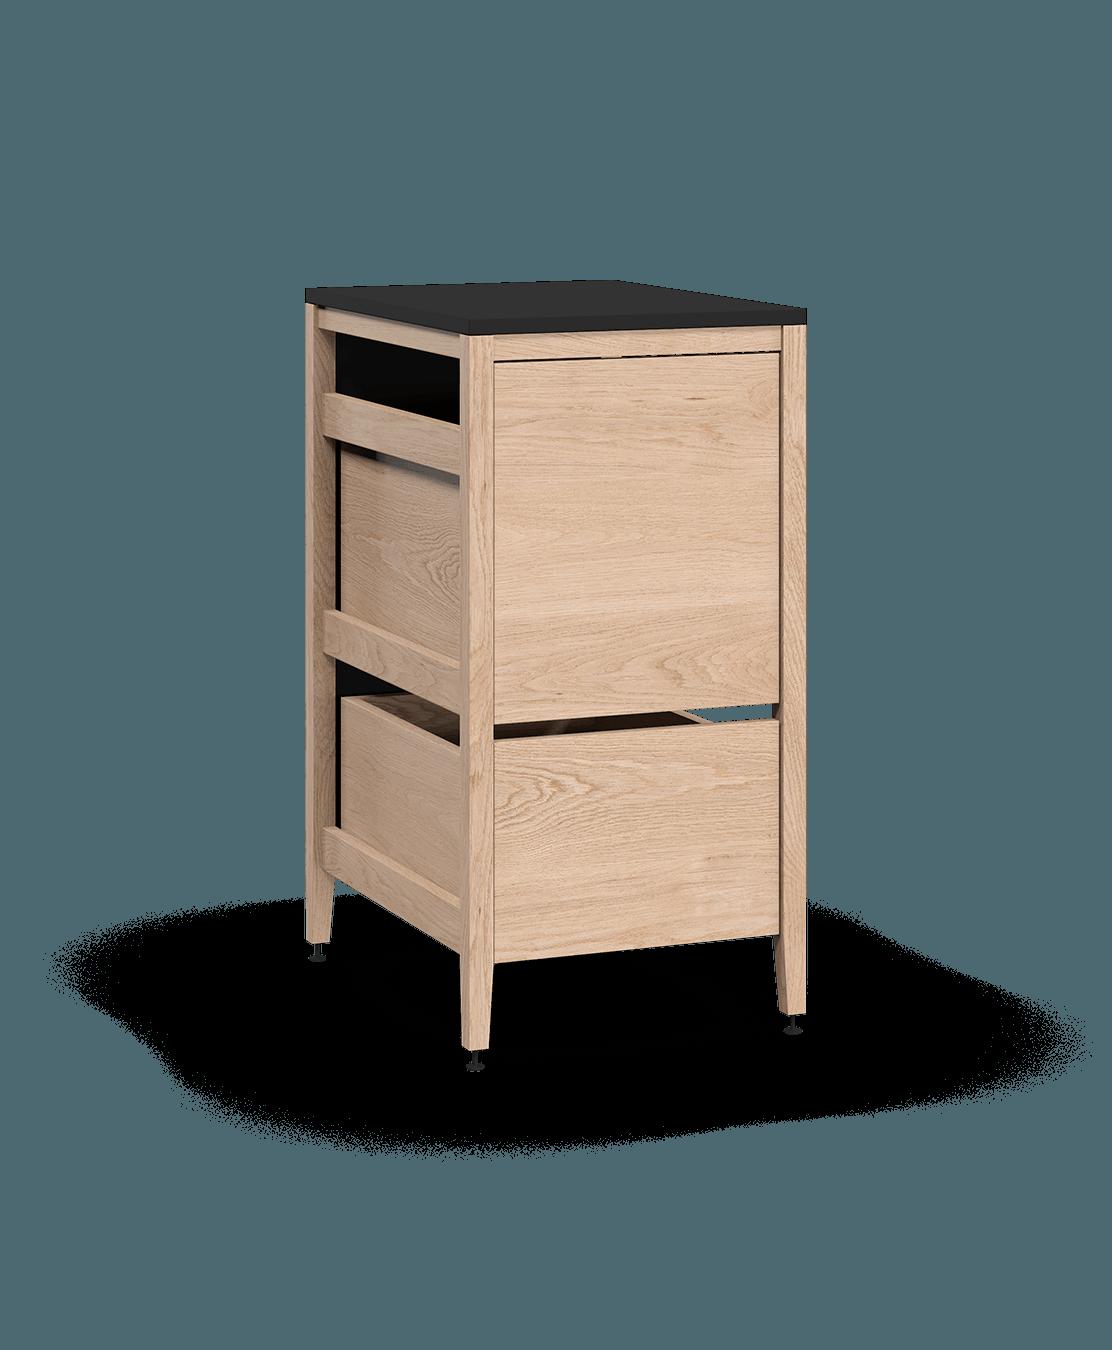 armoire de cuisine modulaire poubelle en bois massif coquo radix avec 1 tiroir 2 bacs chêne blanc 18 pouces C1-CTR-18TB-2002-NA